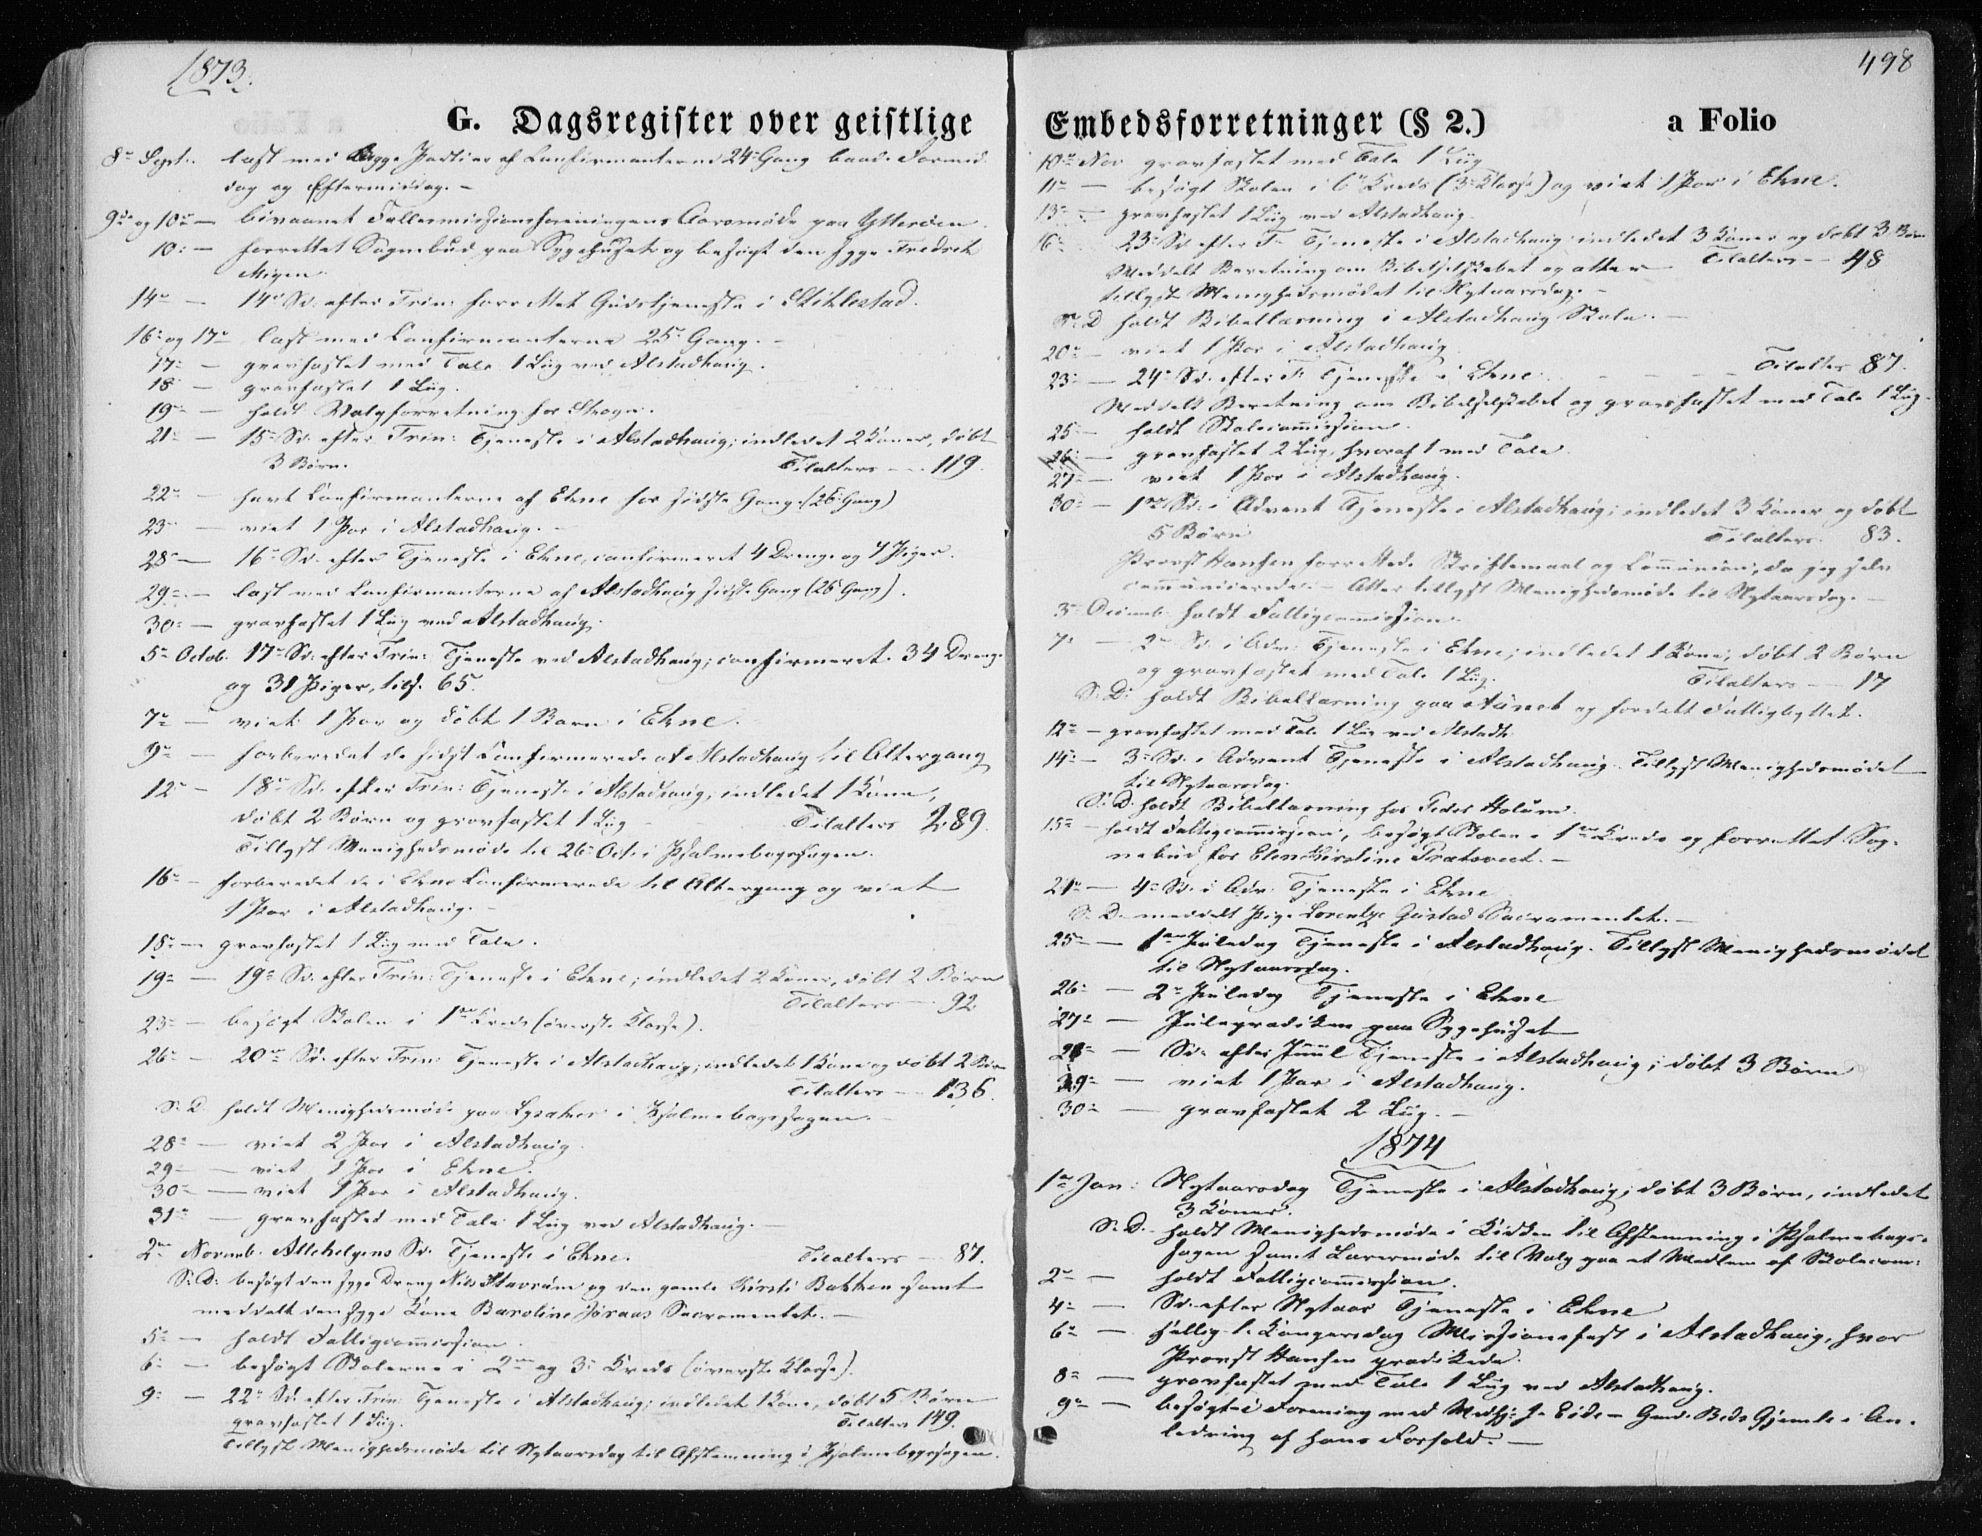 SAT, Ministerialprotokoller, klokkerbøker og fødselsregistre - Nord-Trøndelag, 717/L0157: Ministerialbok nr. 717A08 /1, 1863-1877, s. 498